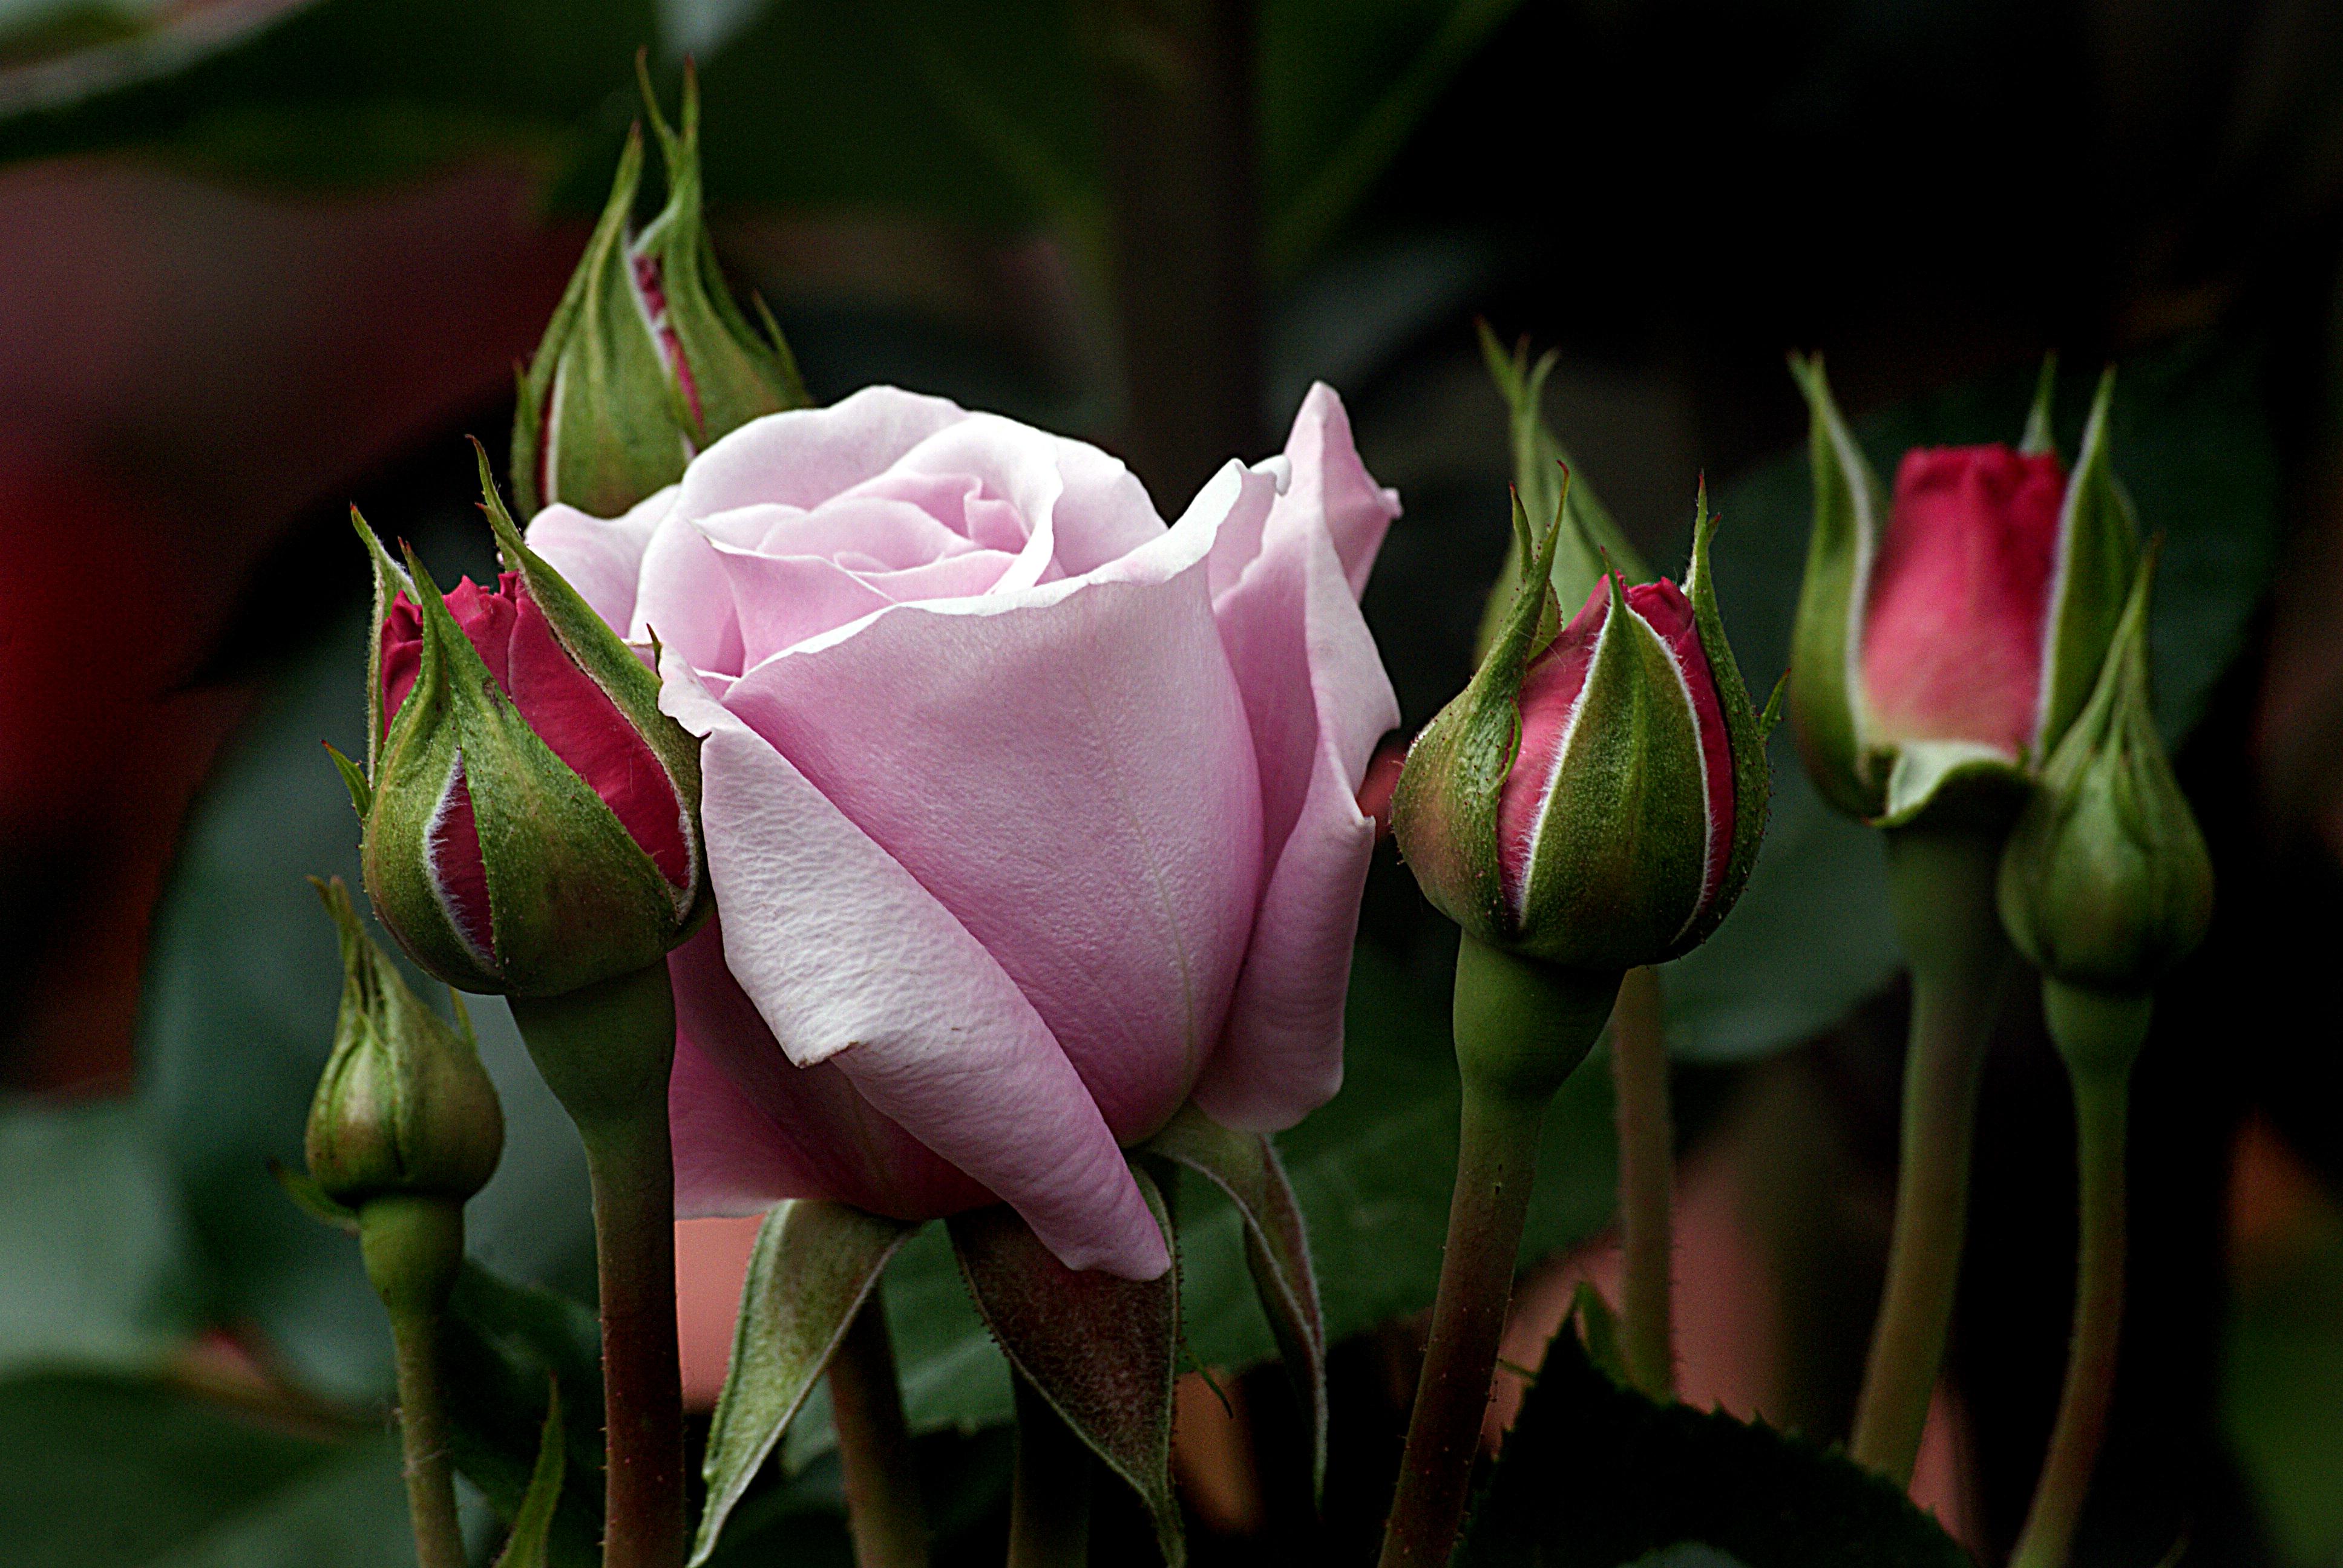 муцураев изысканная роза картинки уже поднадоевших карт